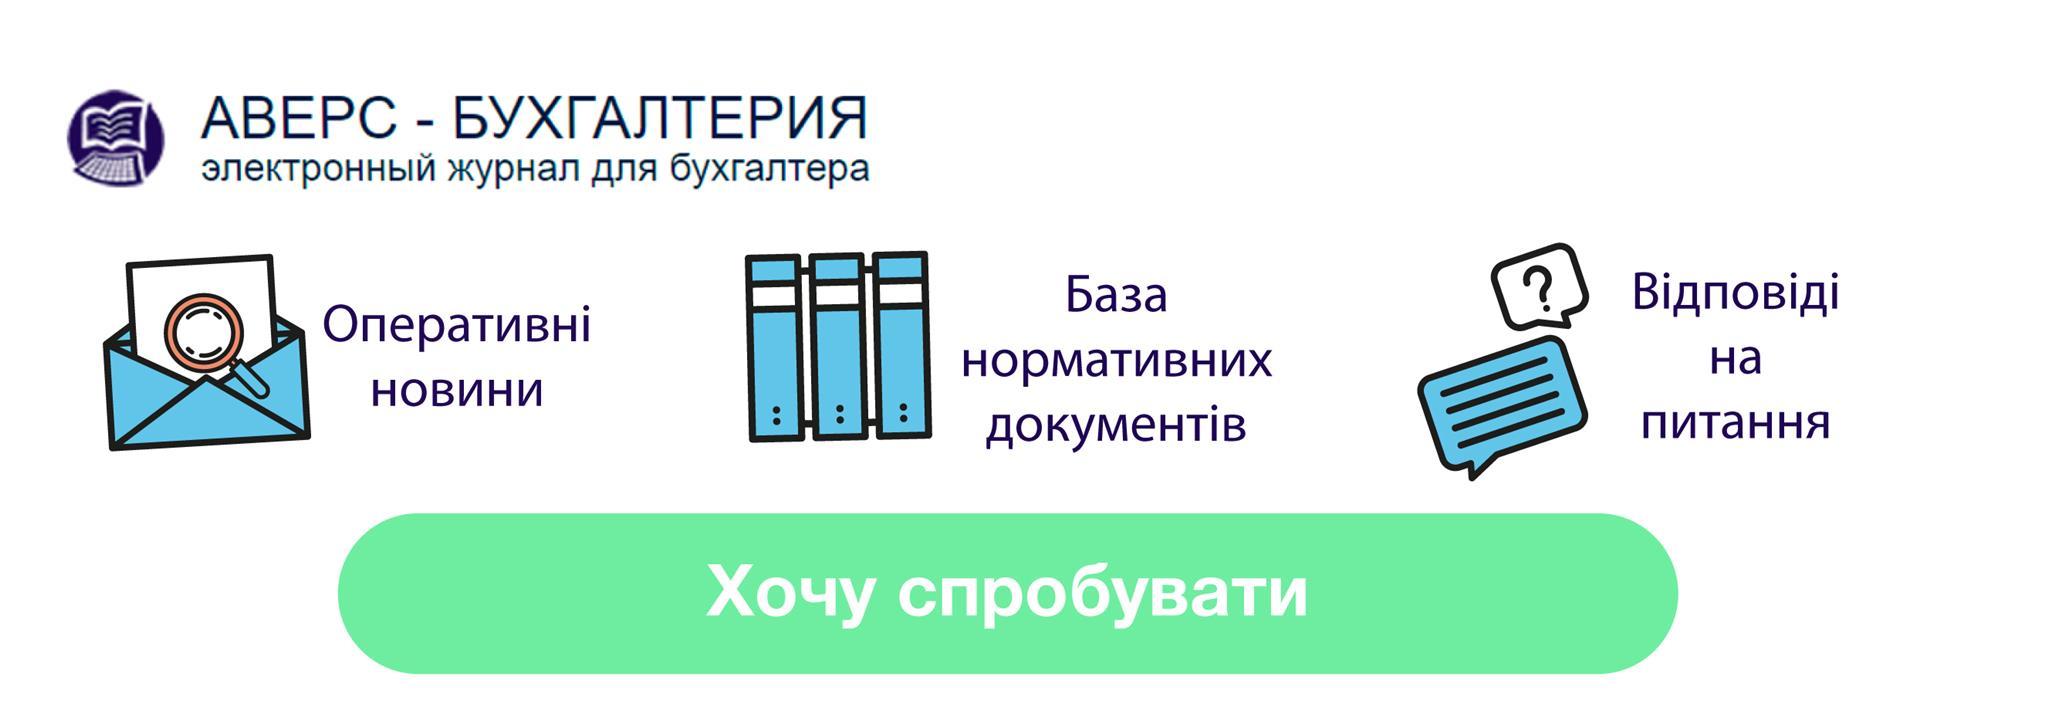 Главный бухгалтер электронный журнал положение о премировании главного бухгалтера